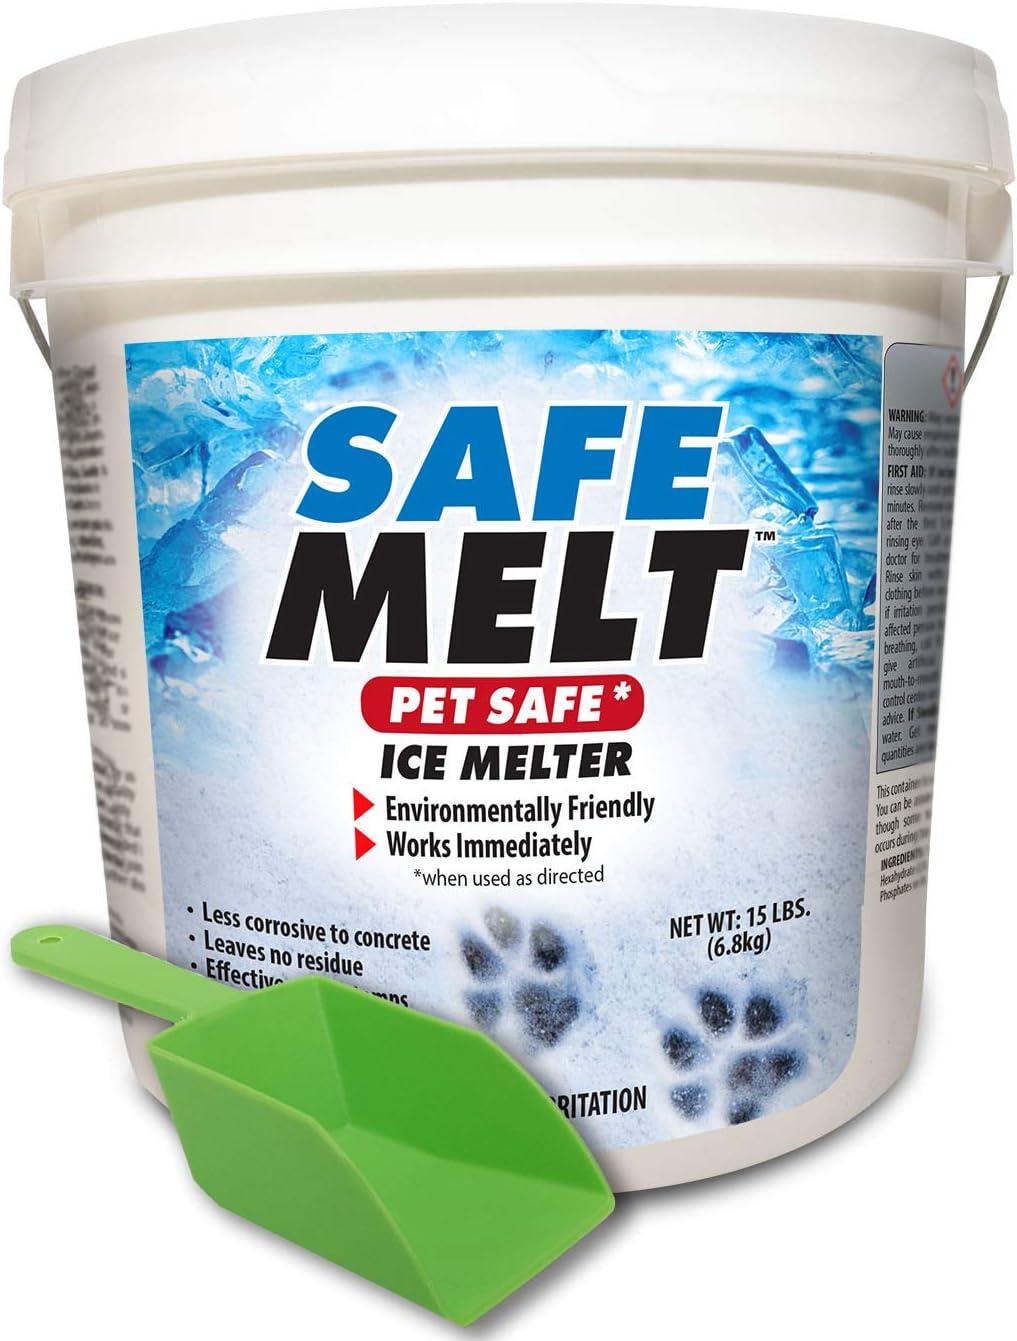 哈里斯安全融化宠物友好的冰雪融化器